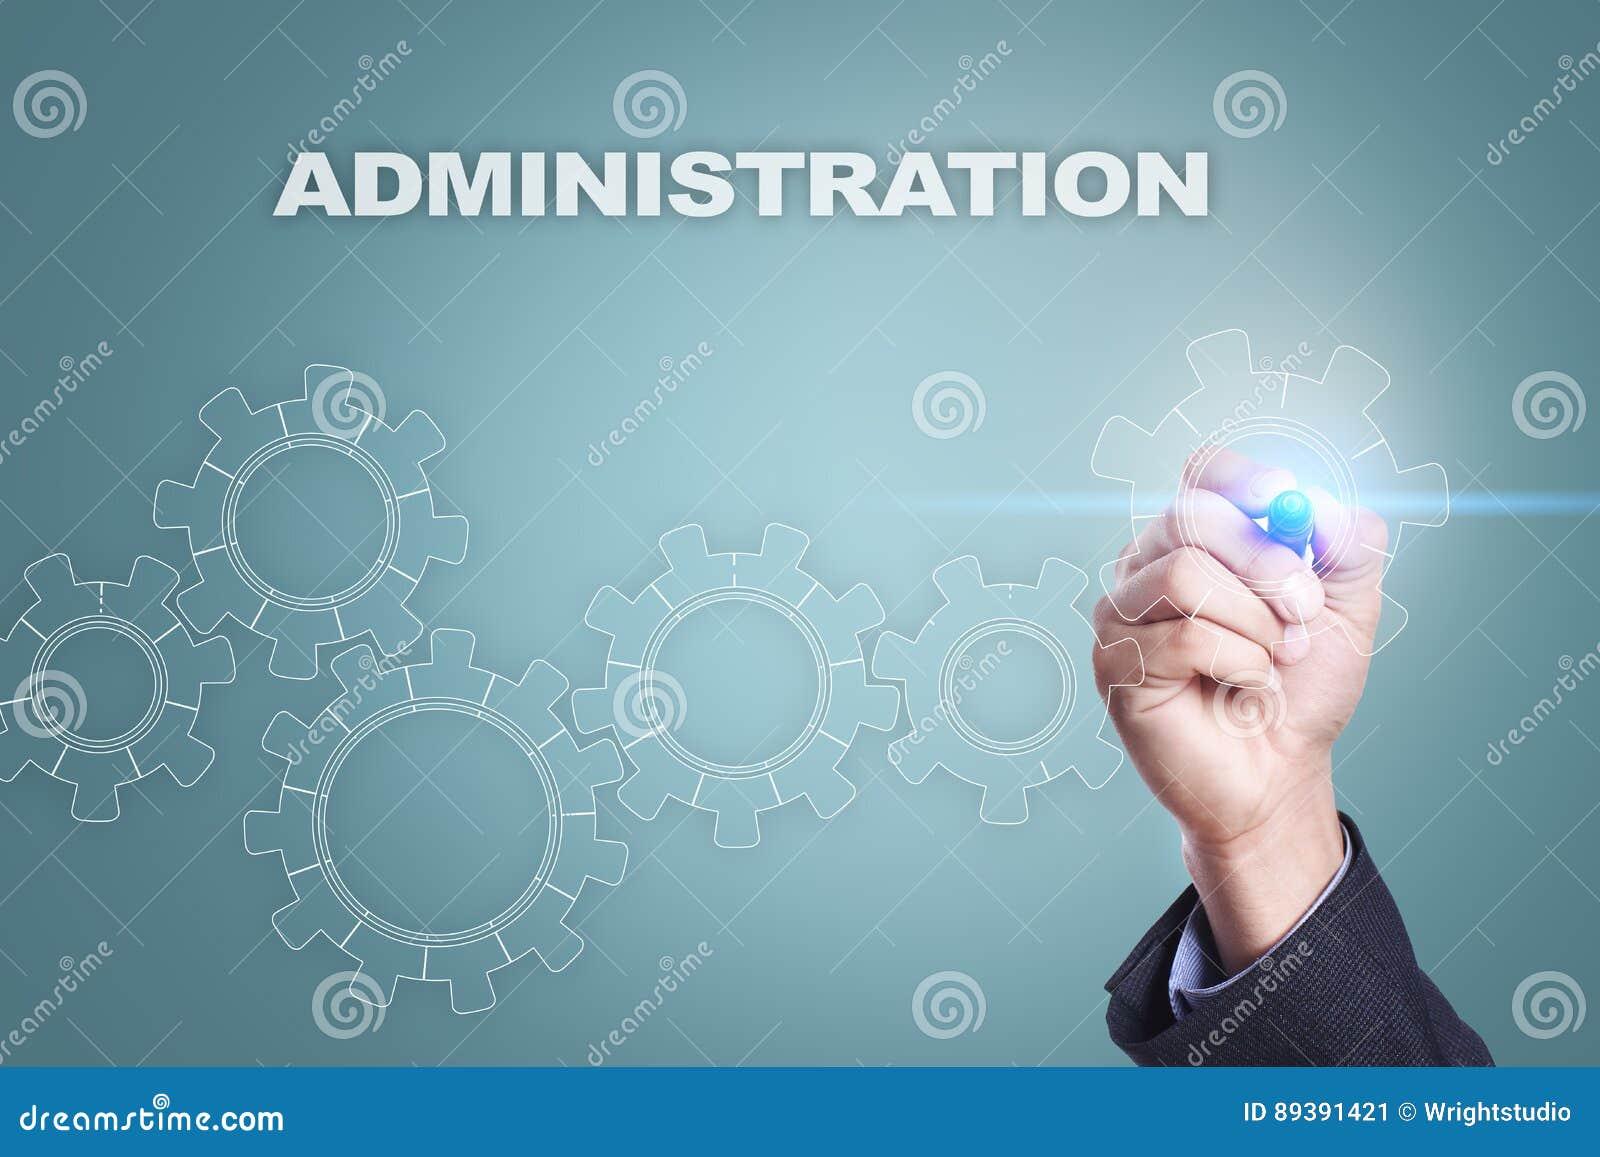 Dibujo del hombre de negocios en la pantalla virtual concepto de la administración